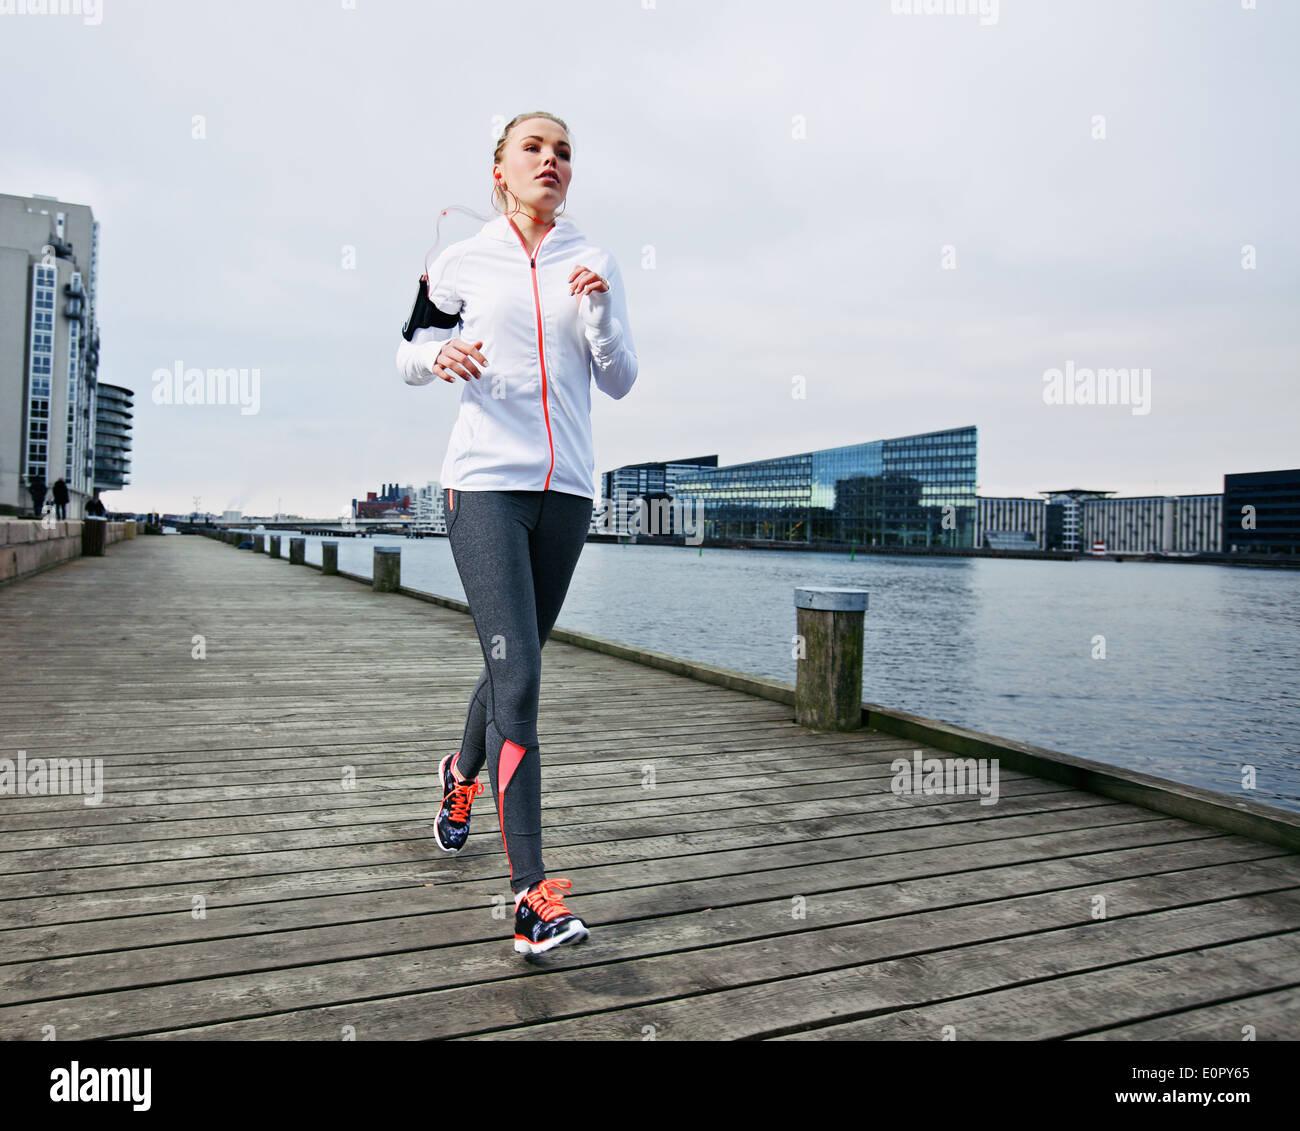 La formation en dehors de coureuse. Athlète féminine caucasienne jogging le long de la rivière de la promenade en ville. Fit young woman running. Photo Stock